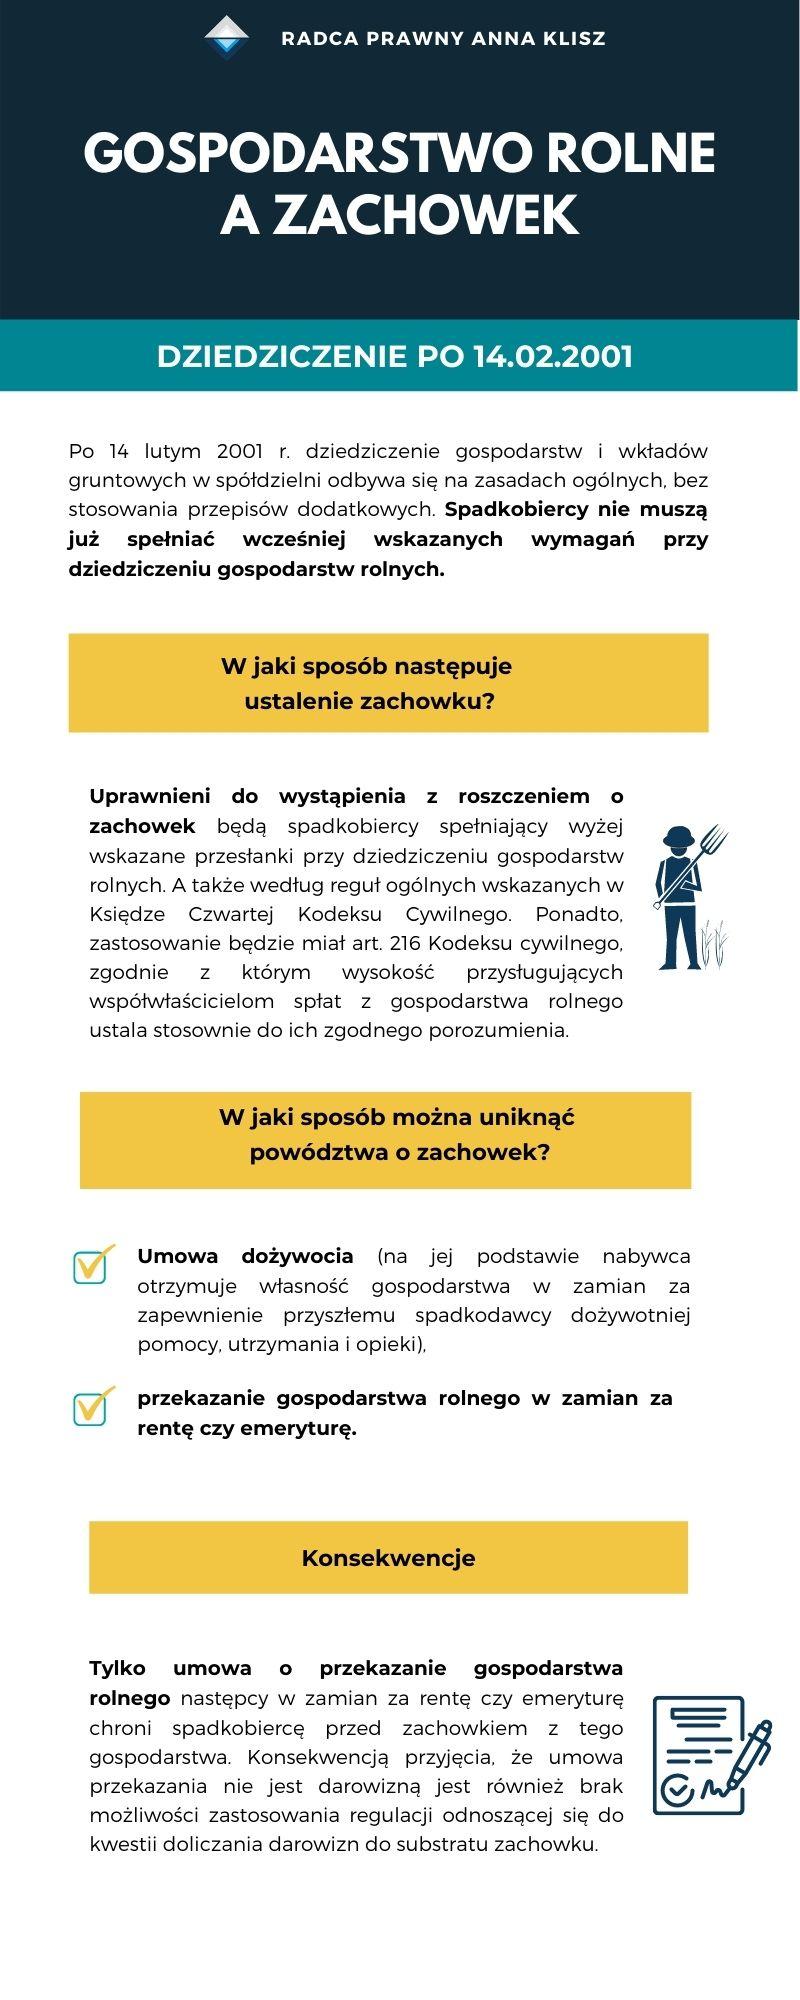 gospodarstwo rolne a zachowek po 14.02.2001